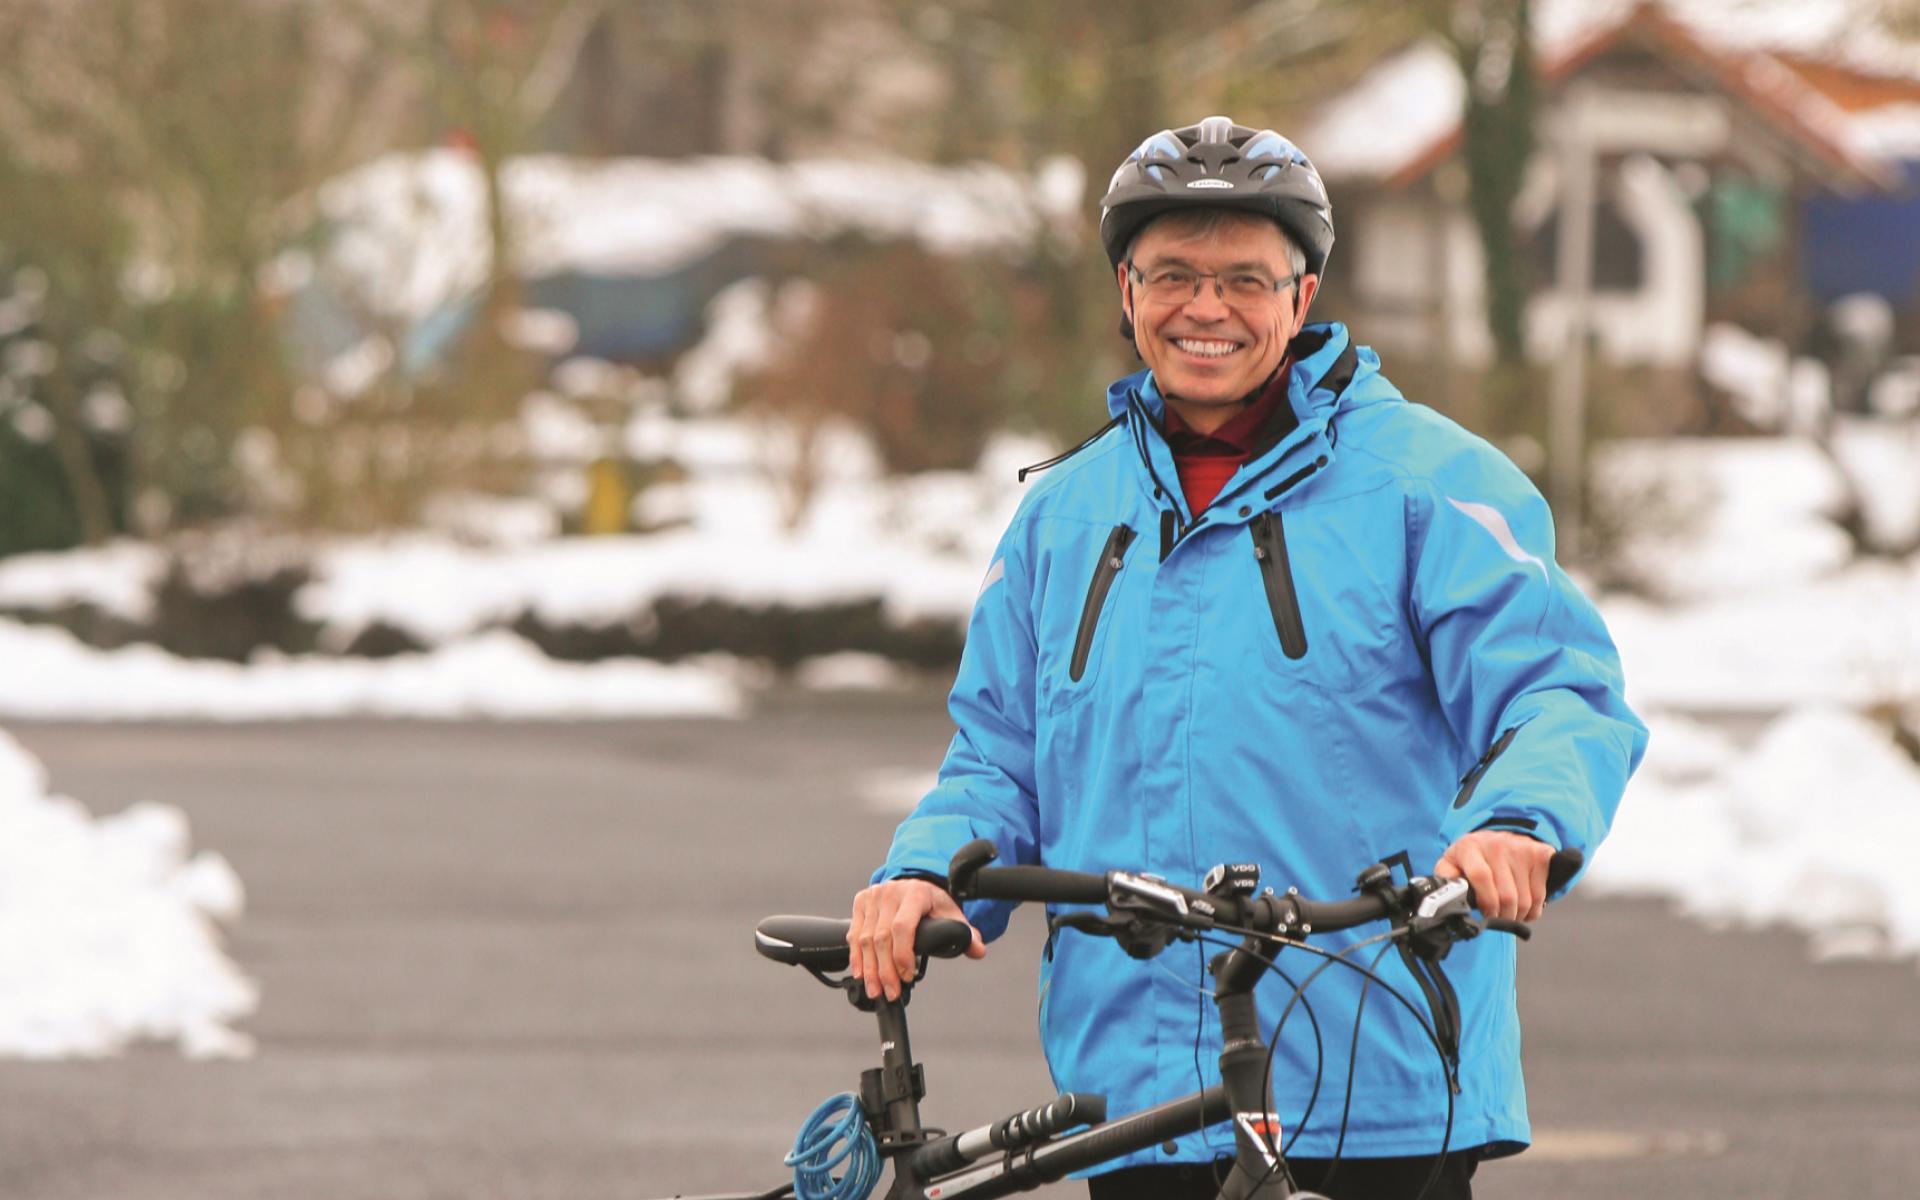 Auf einen Fahrradhelm wird Helmut Behr in Zukunft nicht mehr verzichten, auch nicht bei kurzen Strecken.